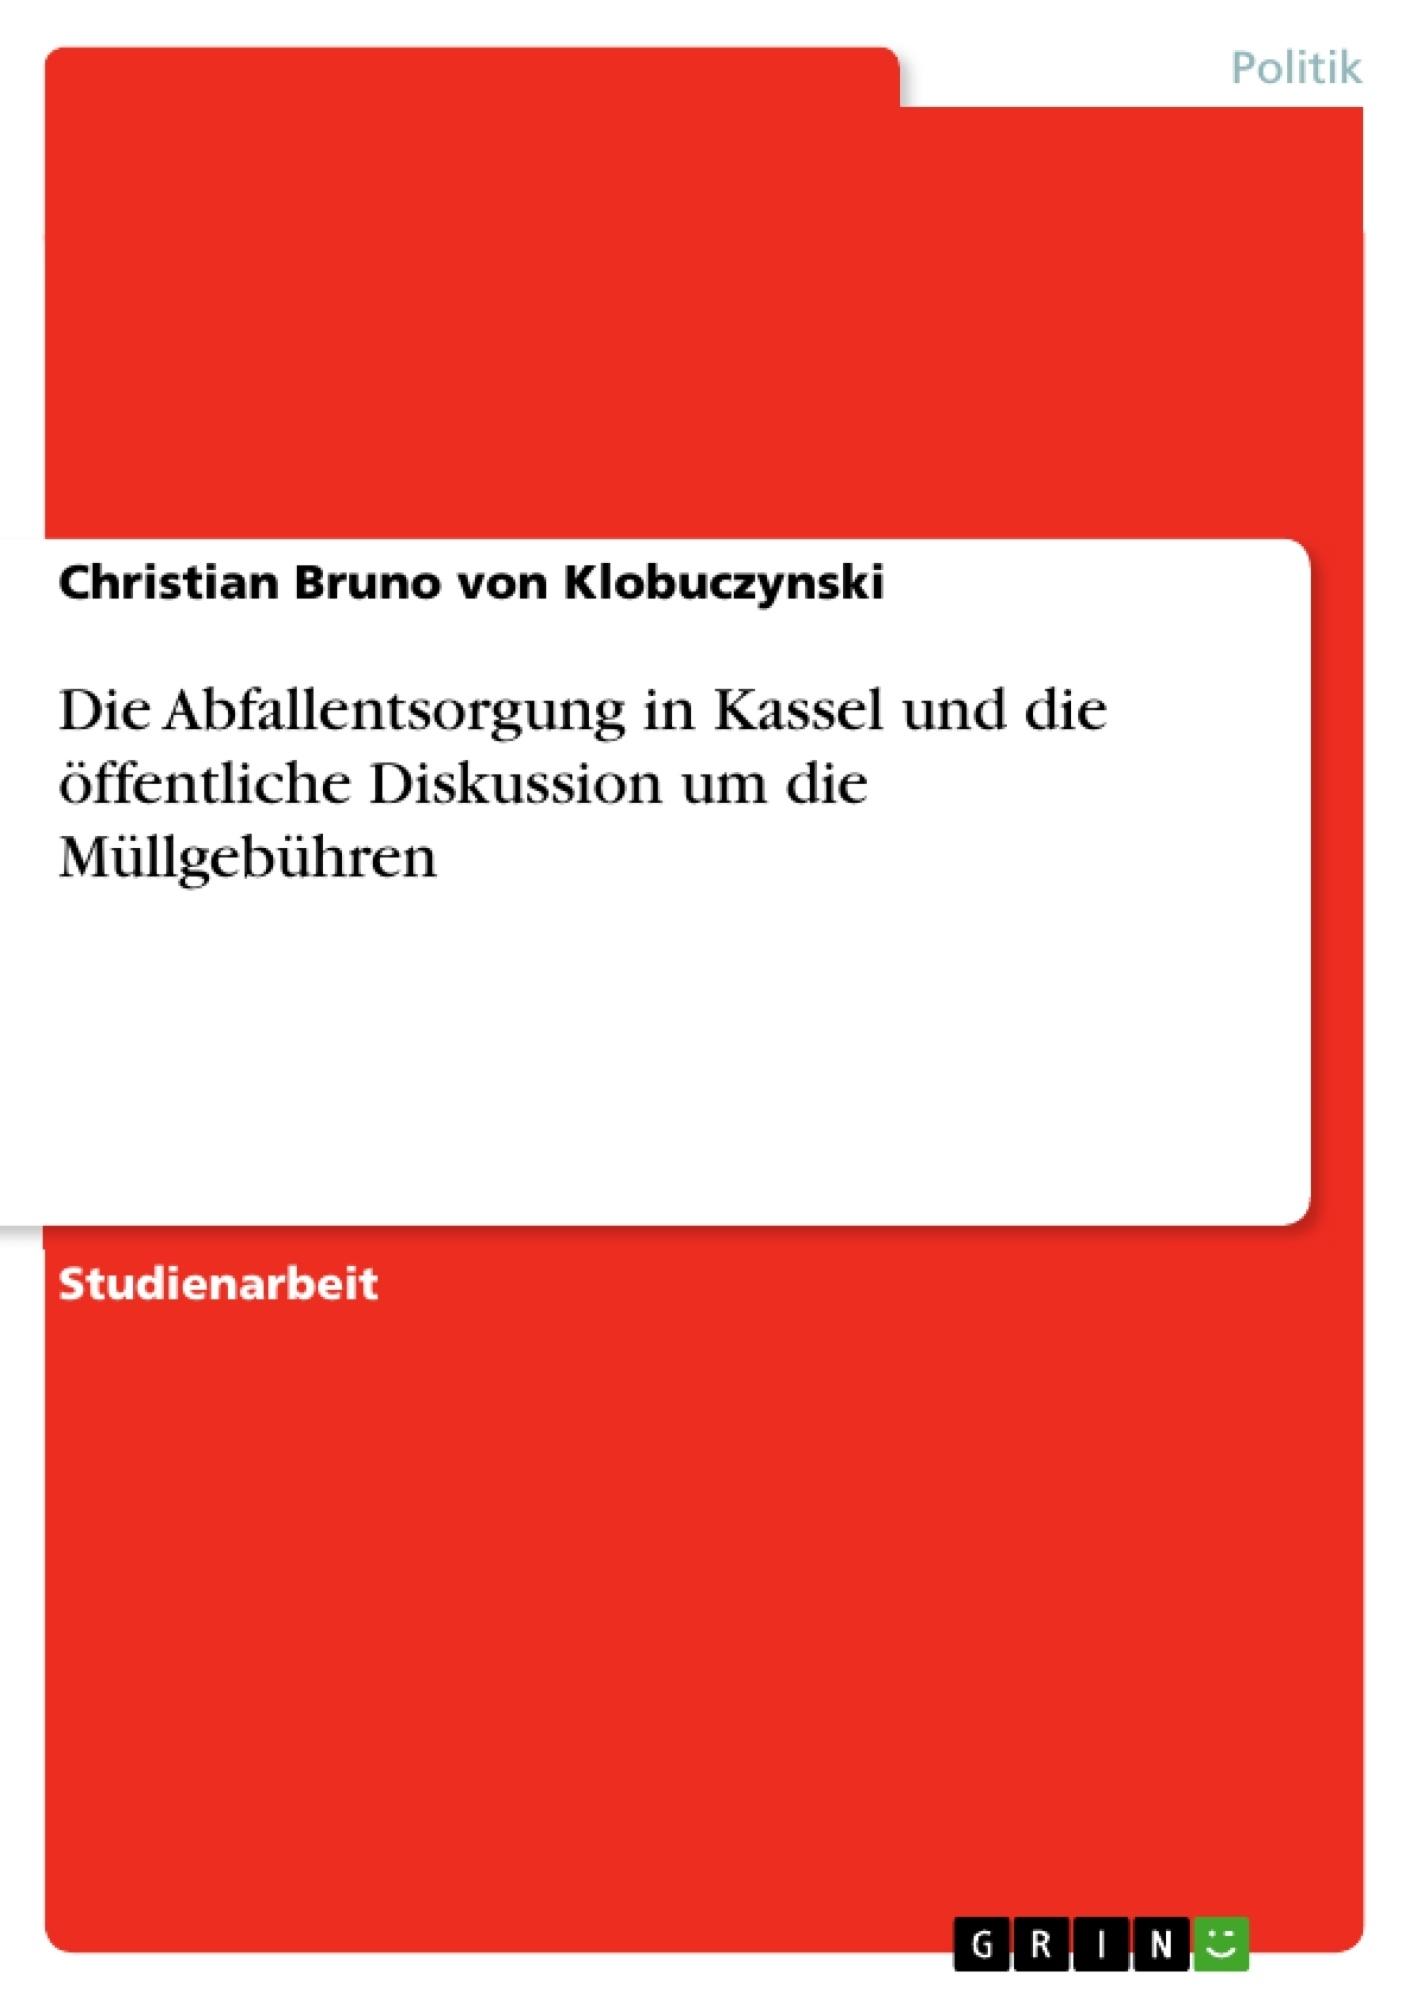 Titel: Die Abfallentsorgung in Kassel und die öffentliche Diskussion um die Müllgebühren